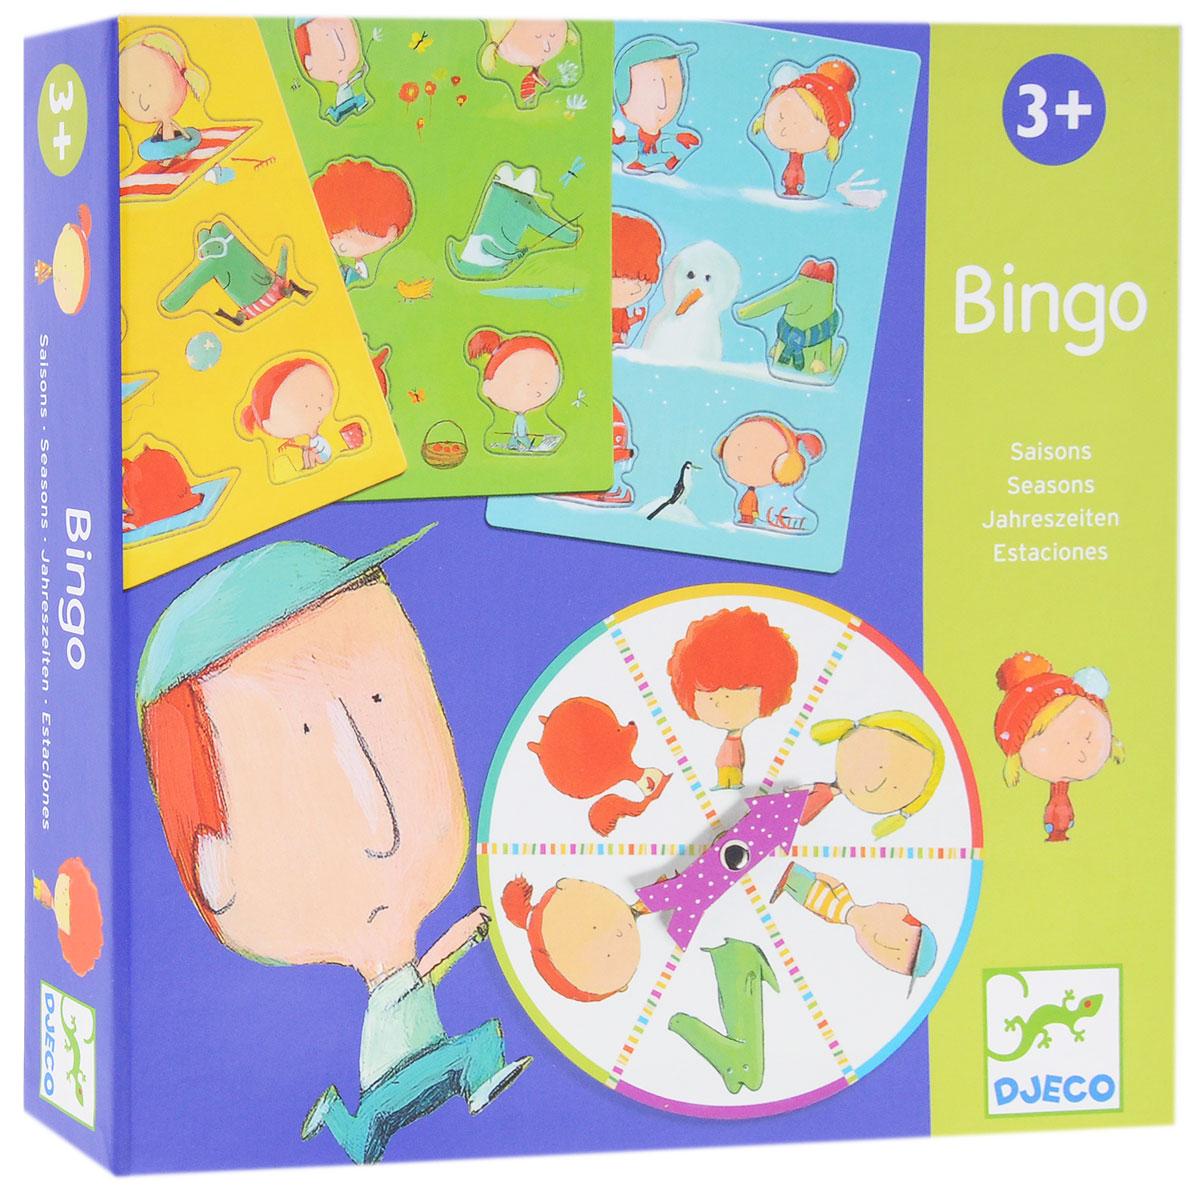 Djeco Обучающая игра Бинго Времена года08114Обучающая игра Djeco Бинго. Времена года - прекрасная возможность через игровую форму познакомить ребенка с особенностями четырех сезонов года. Вращайте друг за другом колесо и сочетайте детали карточек в соответствии с нарисованными фигурками на диске. Выигрывает тот, кто первым соберет свою карточку. Обучающая игра Djeco Бинго. Времена года прекрасно подойдет в качестве развлечения для любого детского праздника. Игра развивает логическое мышление, сообразительность и внимательность ребенка, учит его усидчивости и терпению.